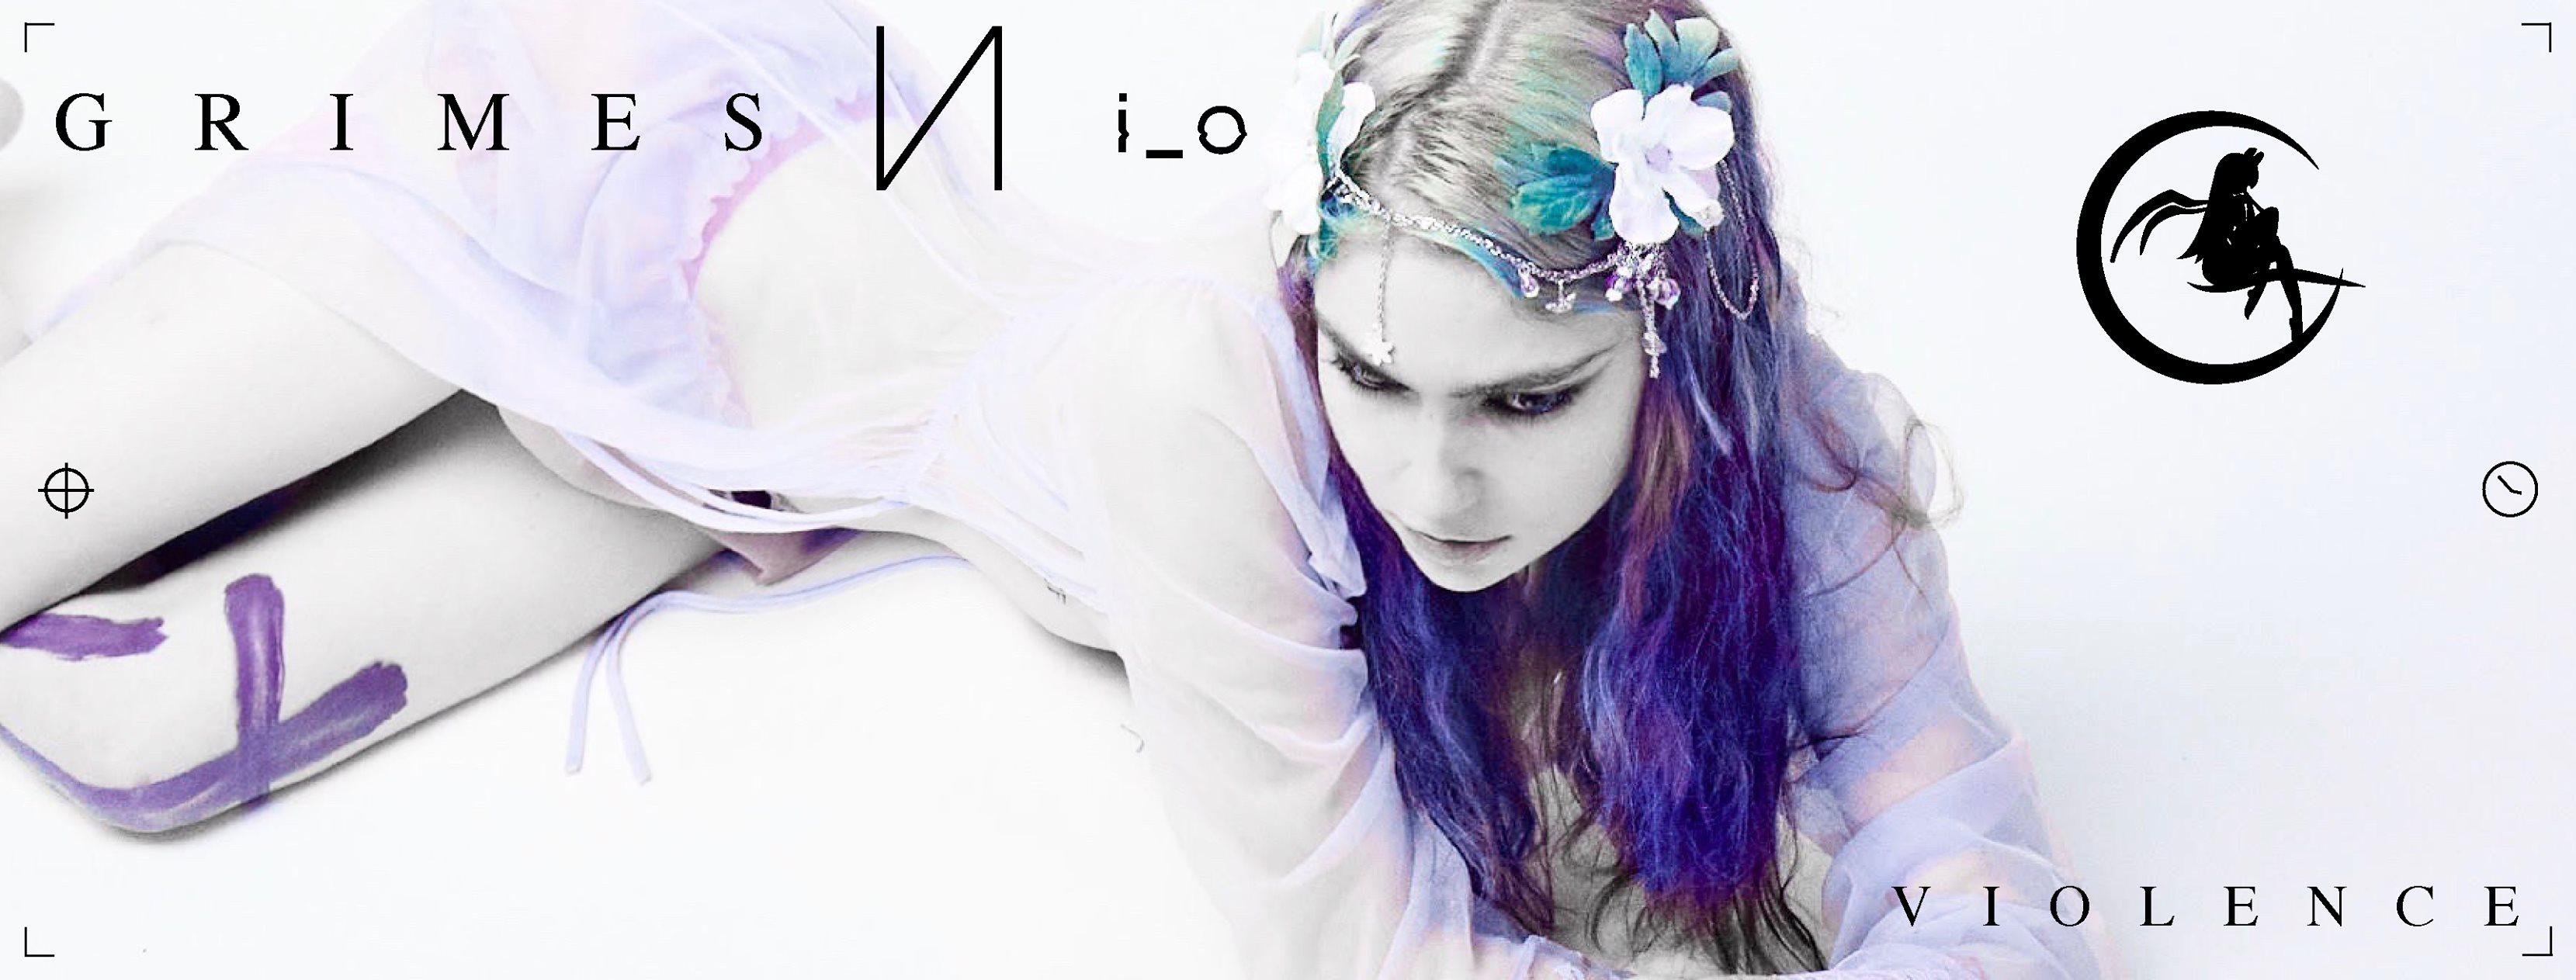 Violence - Grimes & i_o